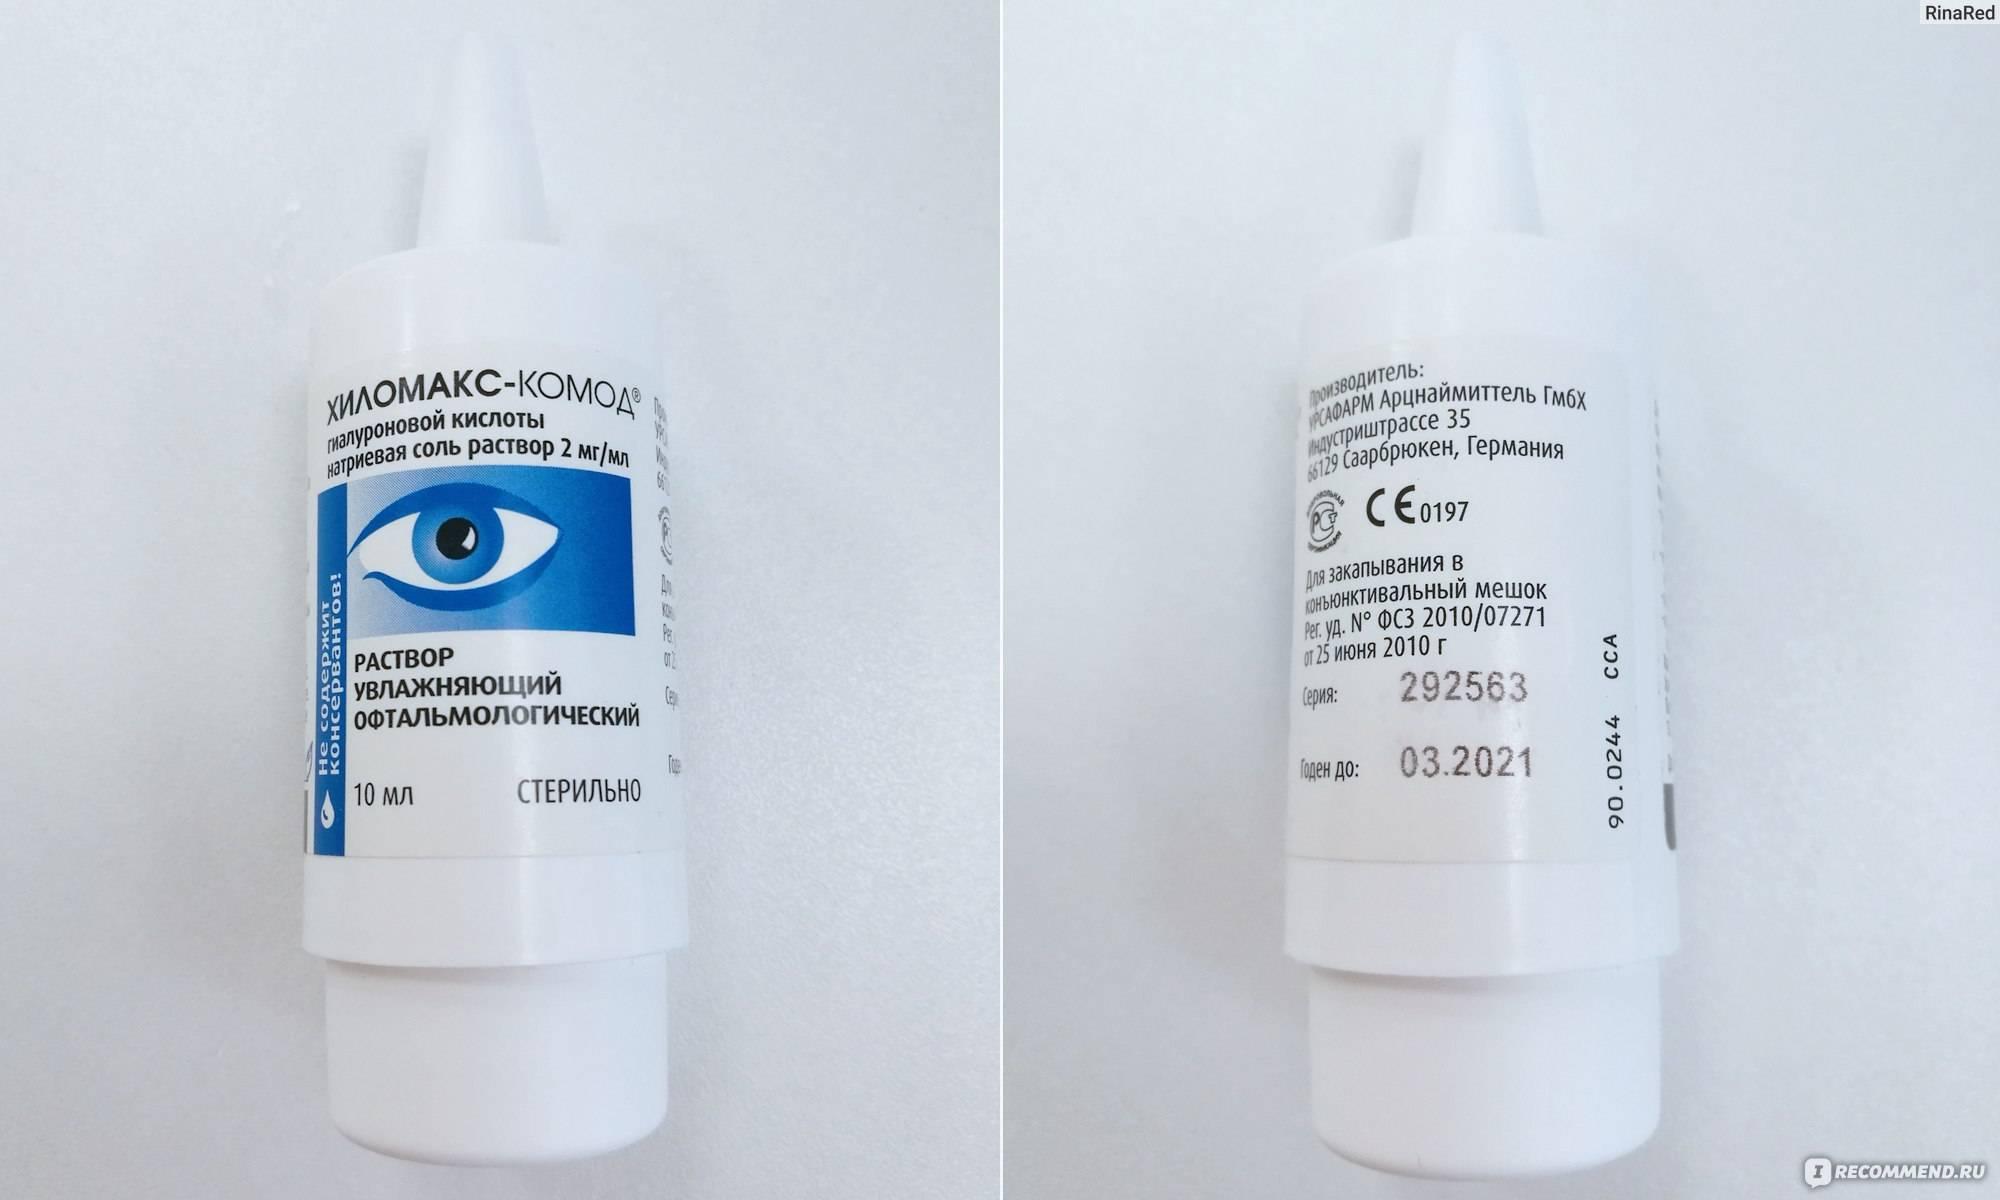 Хиломакс-комод: инструкция по применению, отзывы и аналоги, цены в аптеках